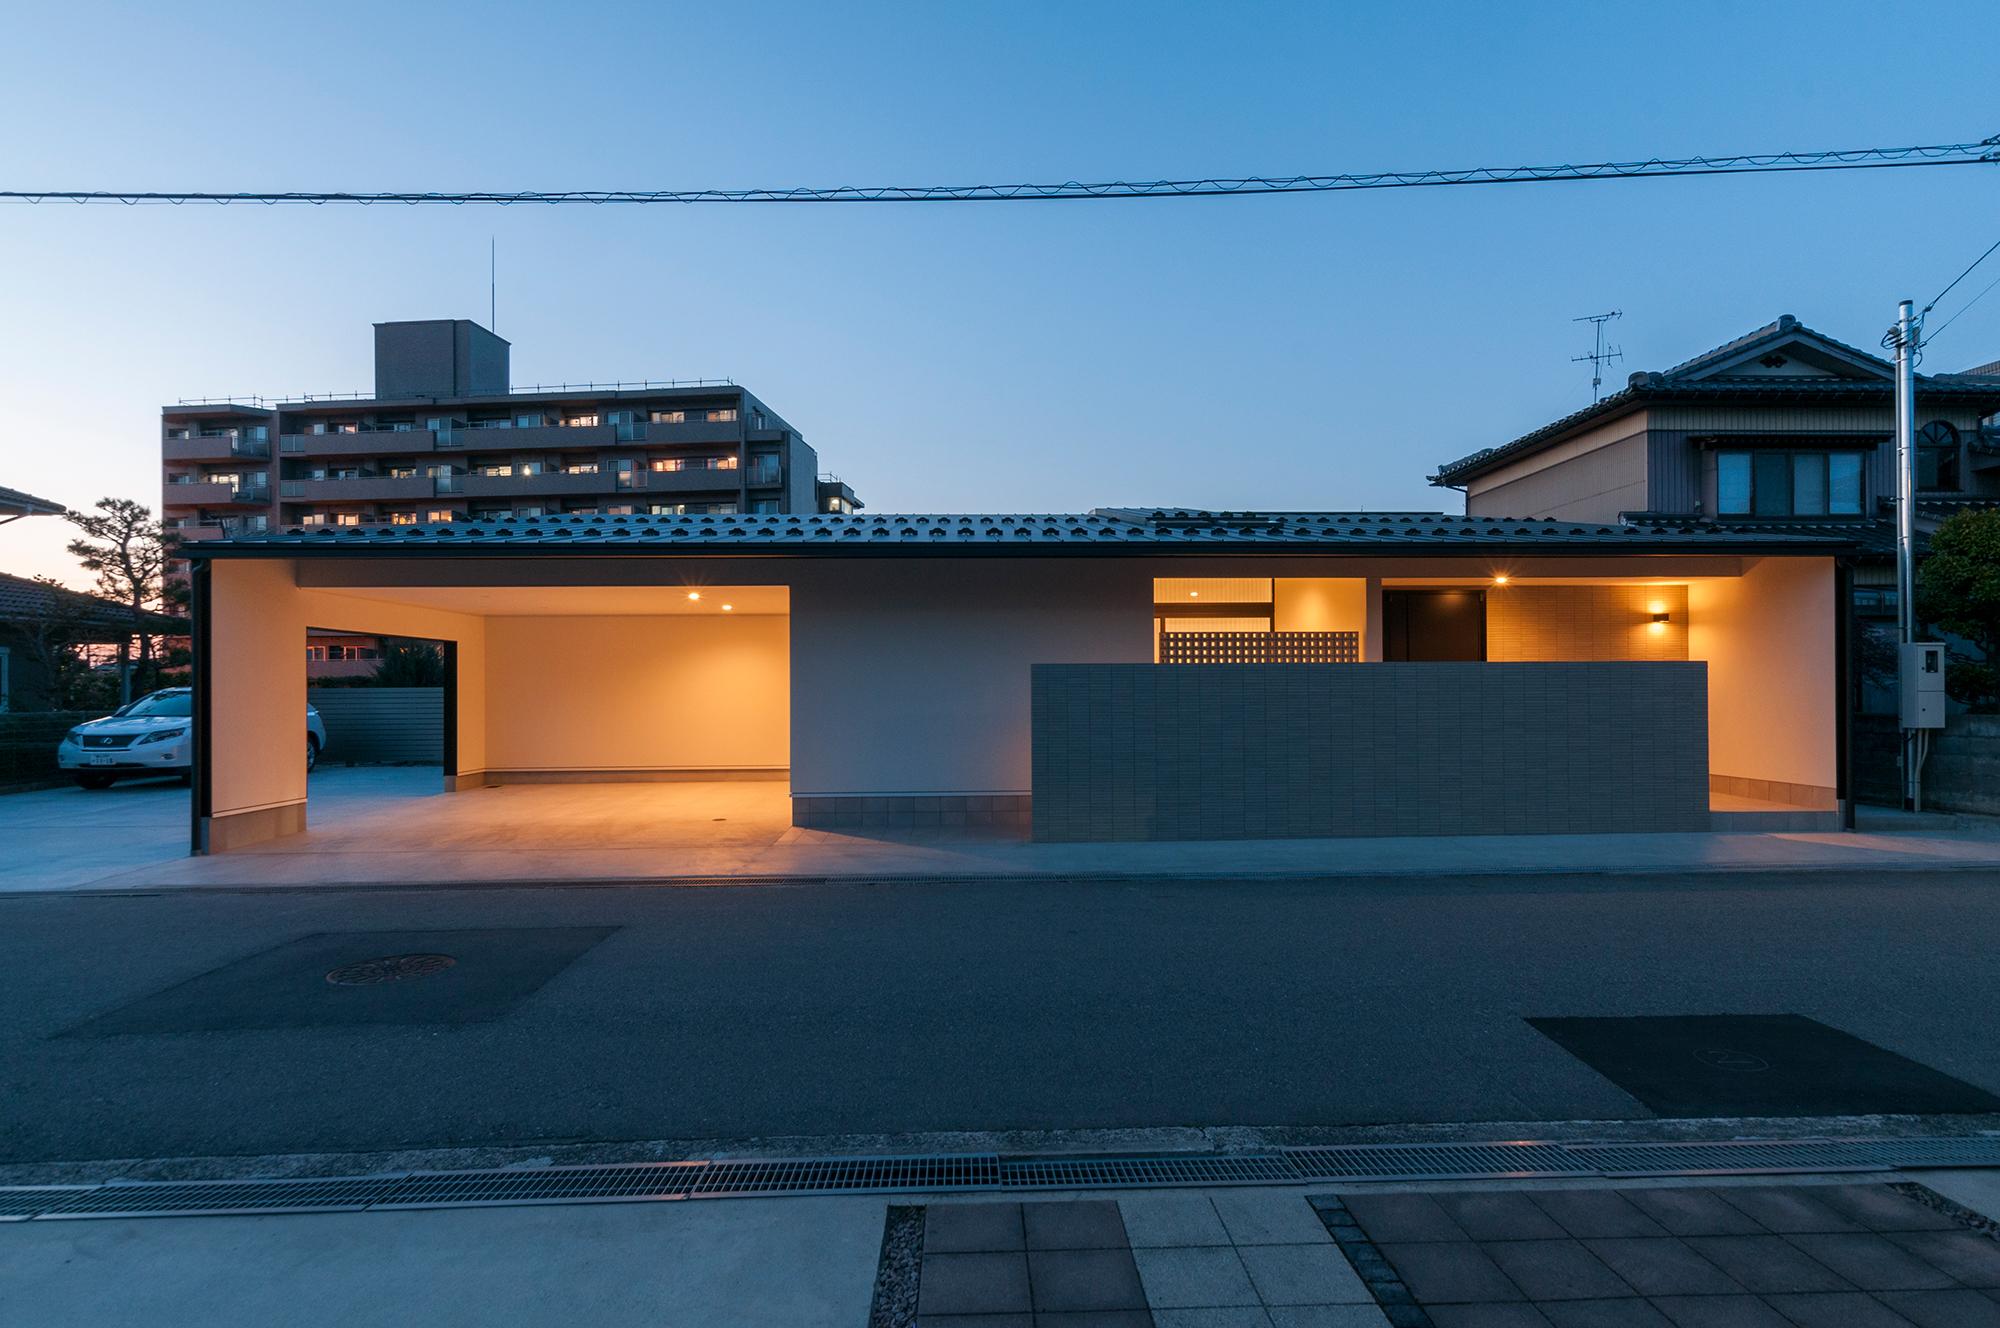 上野さんが担当した「大泉の住宅」。軒上の半外部空間をつくり出し、車庫や中庭として機能させた